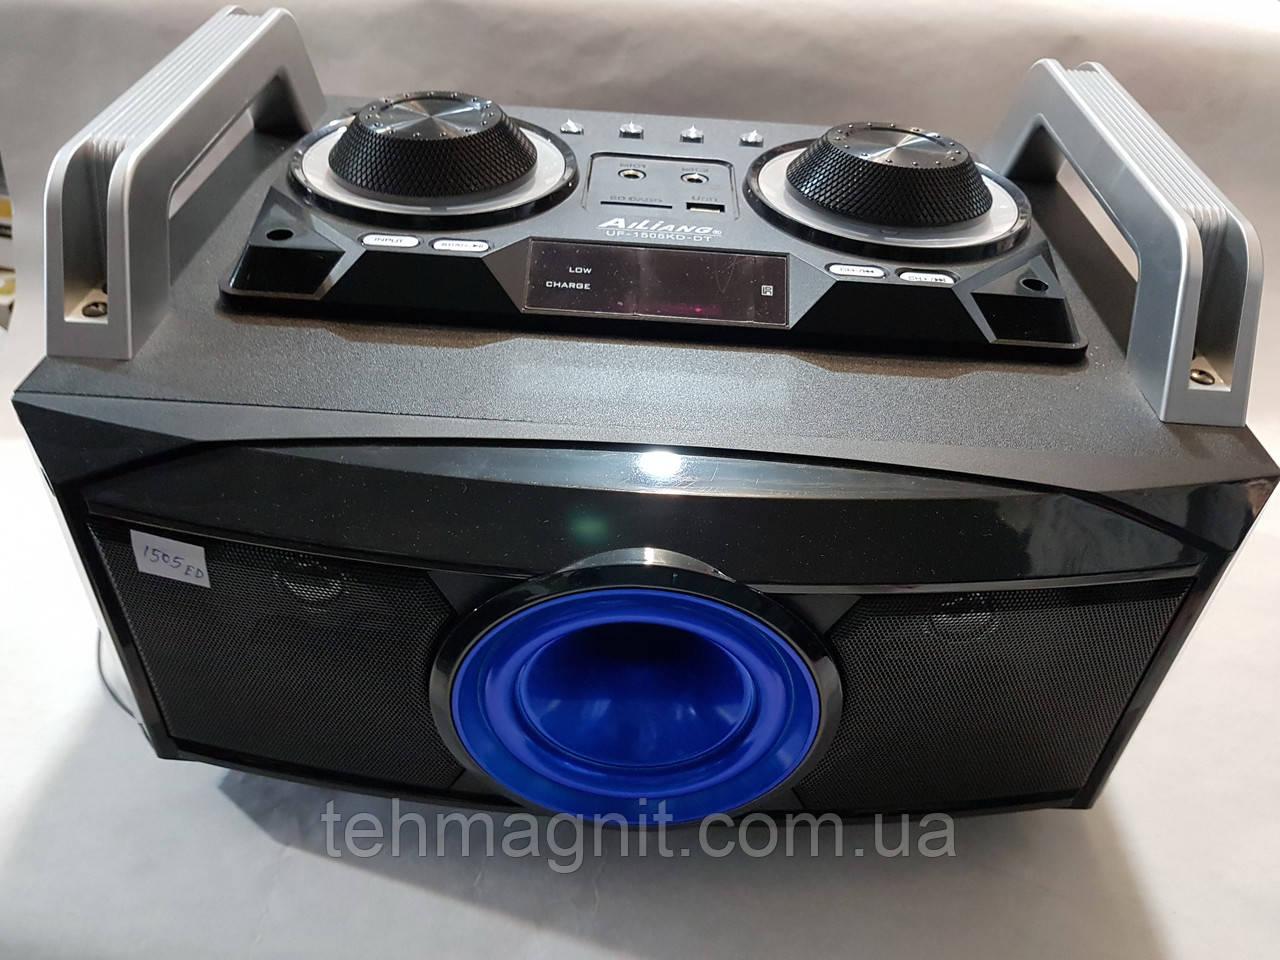 Портативный бумбокс караоке Ailiang UF-1505KD-DT сабвуфер USB\ Bluetooth\ FM-тюнер\ Пульт ДУ ( Реплика )